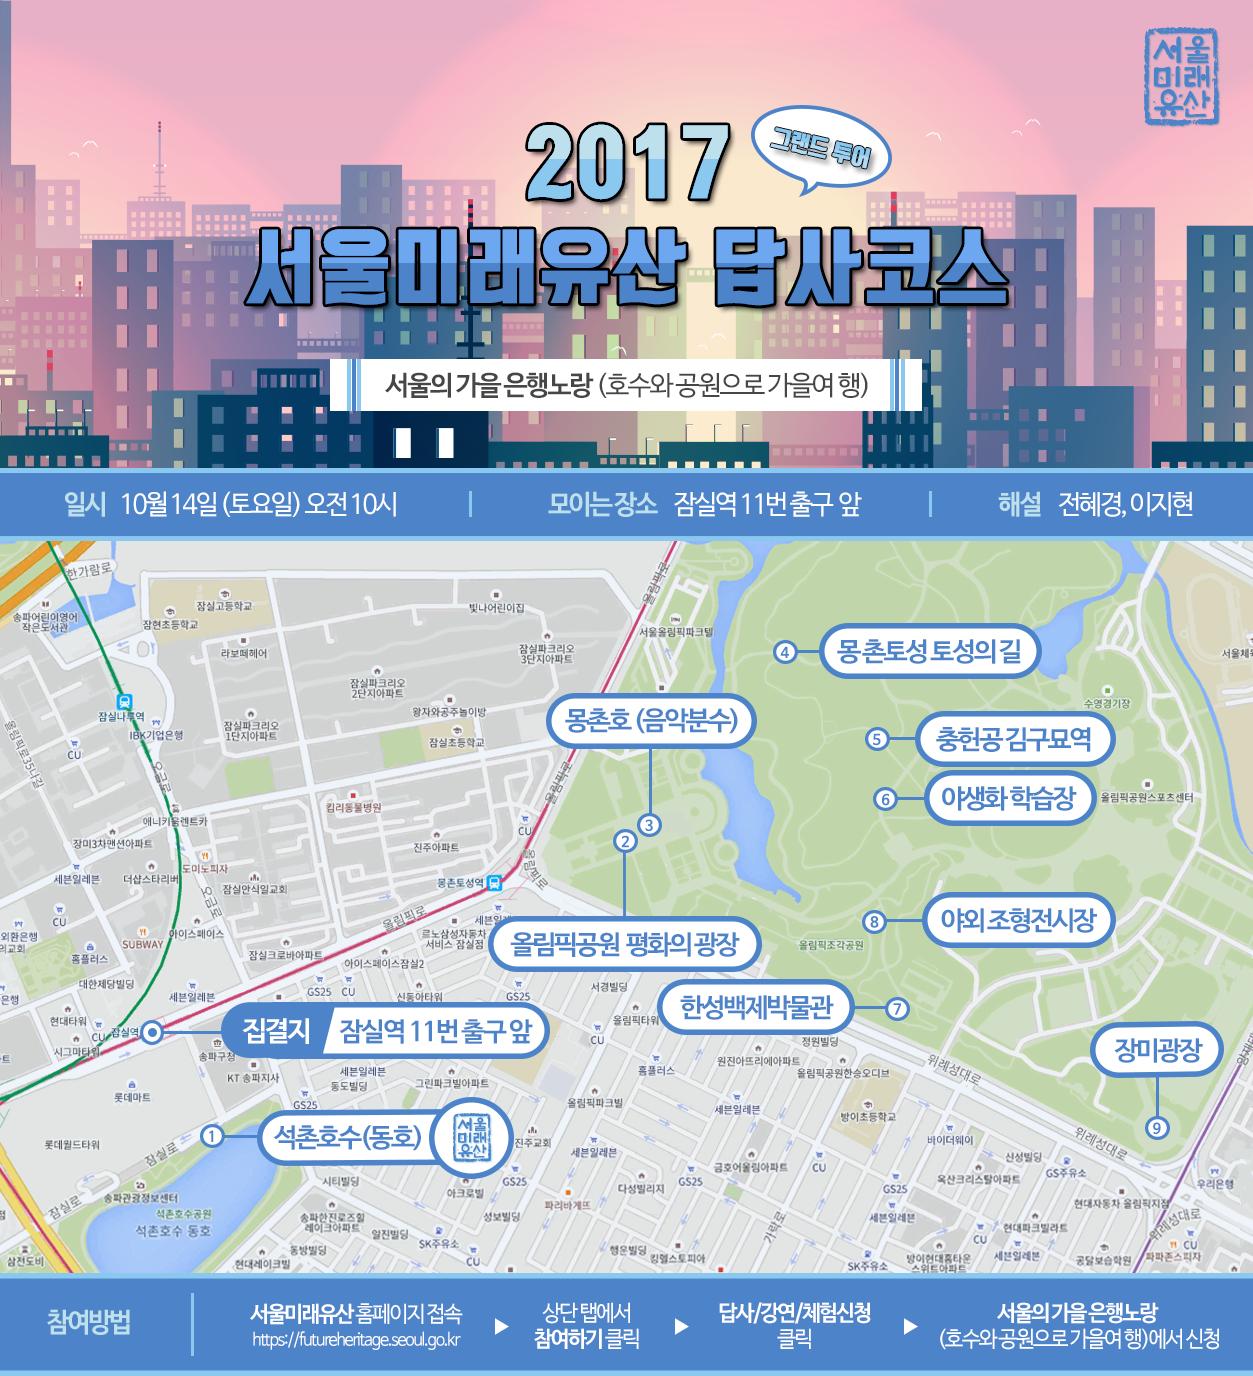 서울의 가을 은행노랑 (호수와 공원으로 가을여행).png